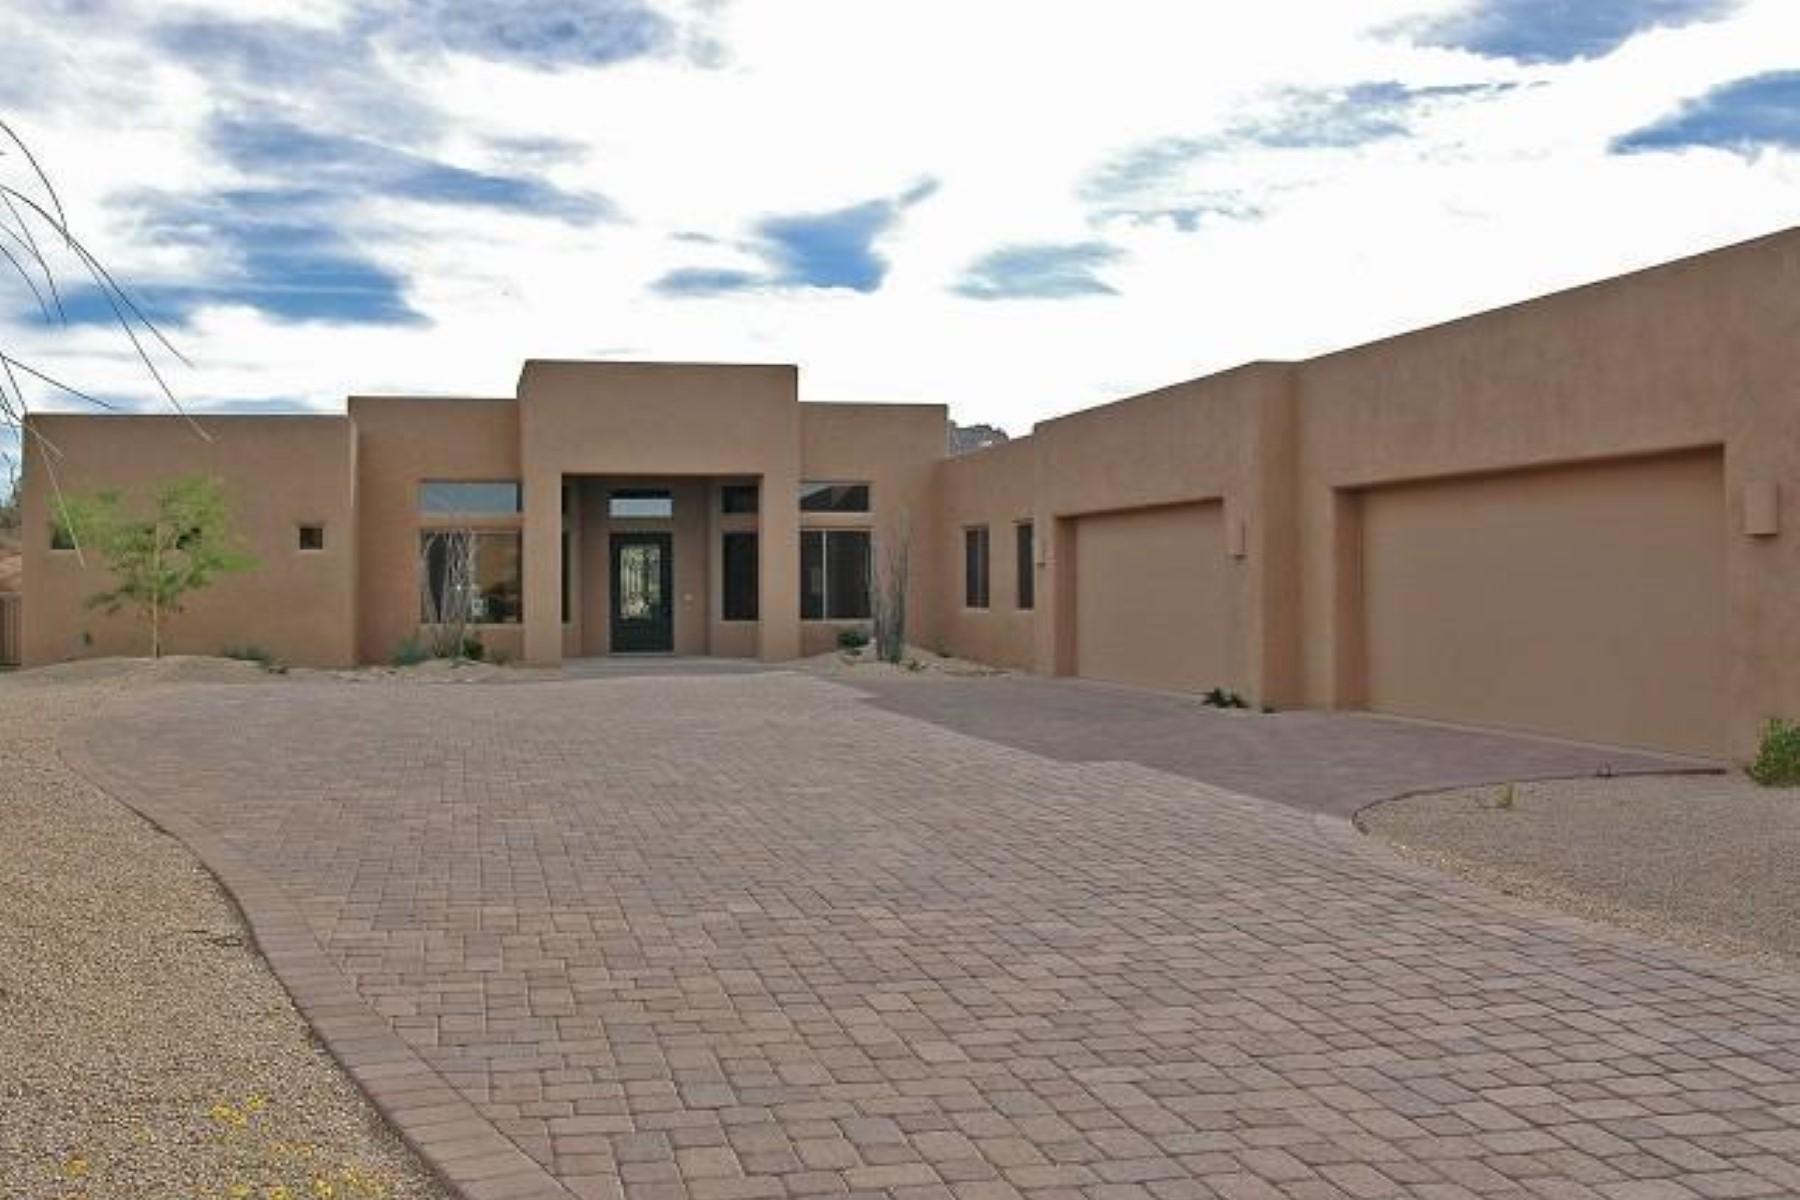 独户住宅 为 销售 在 Spectacular La Blonde home in gated Troon North. 11313 E Whitehorn Dr. 斯科茨代尔, 亚利桑那州 85262 美国